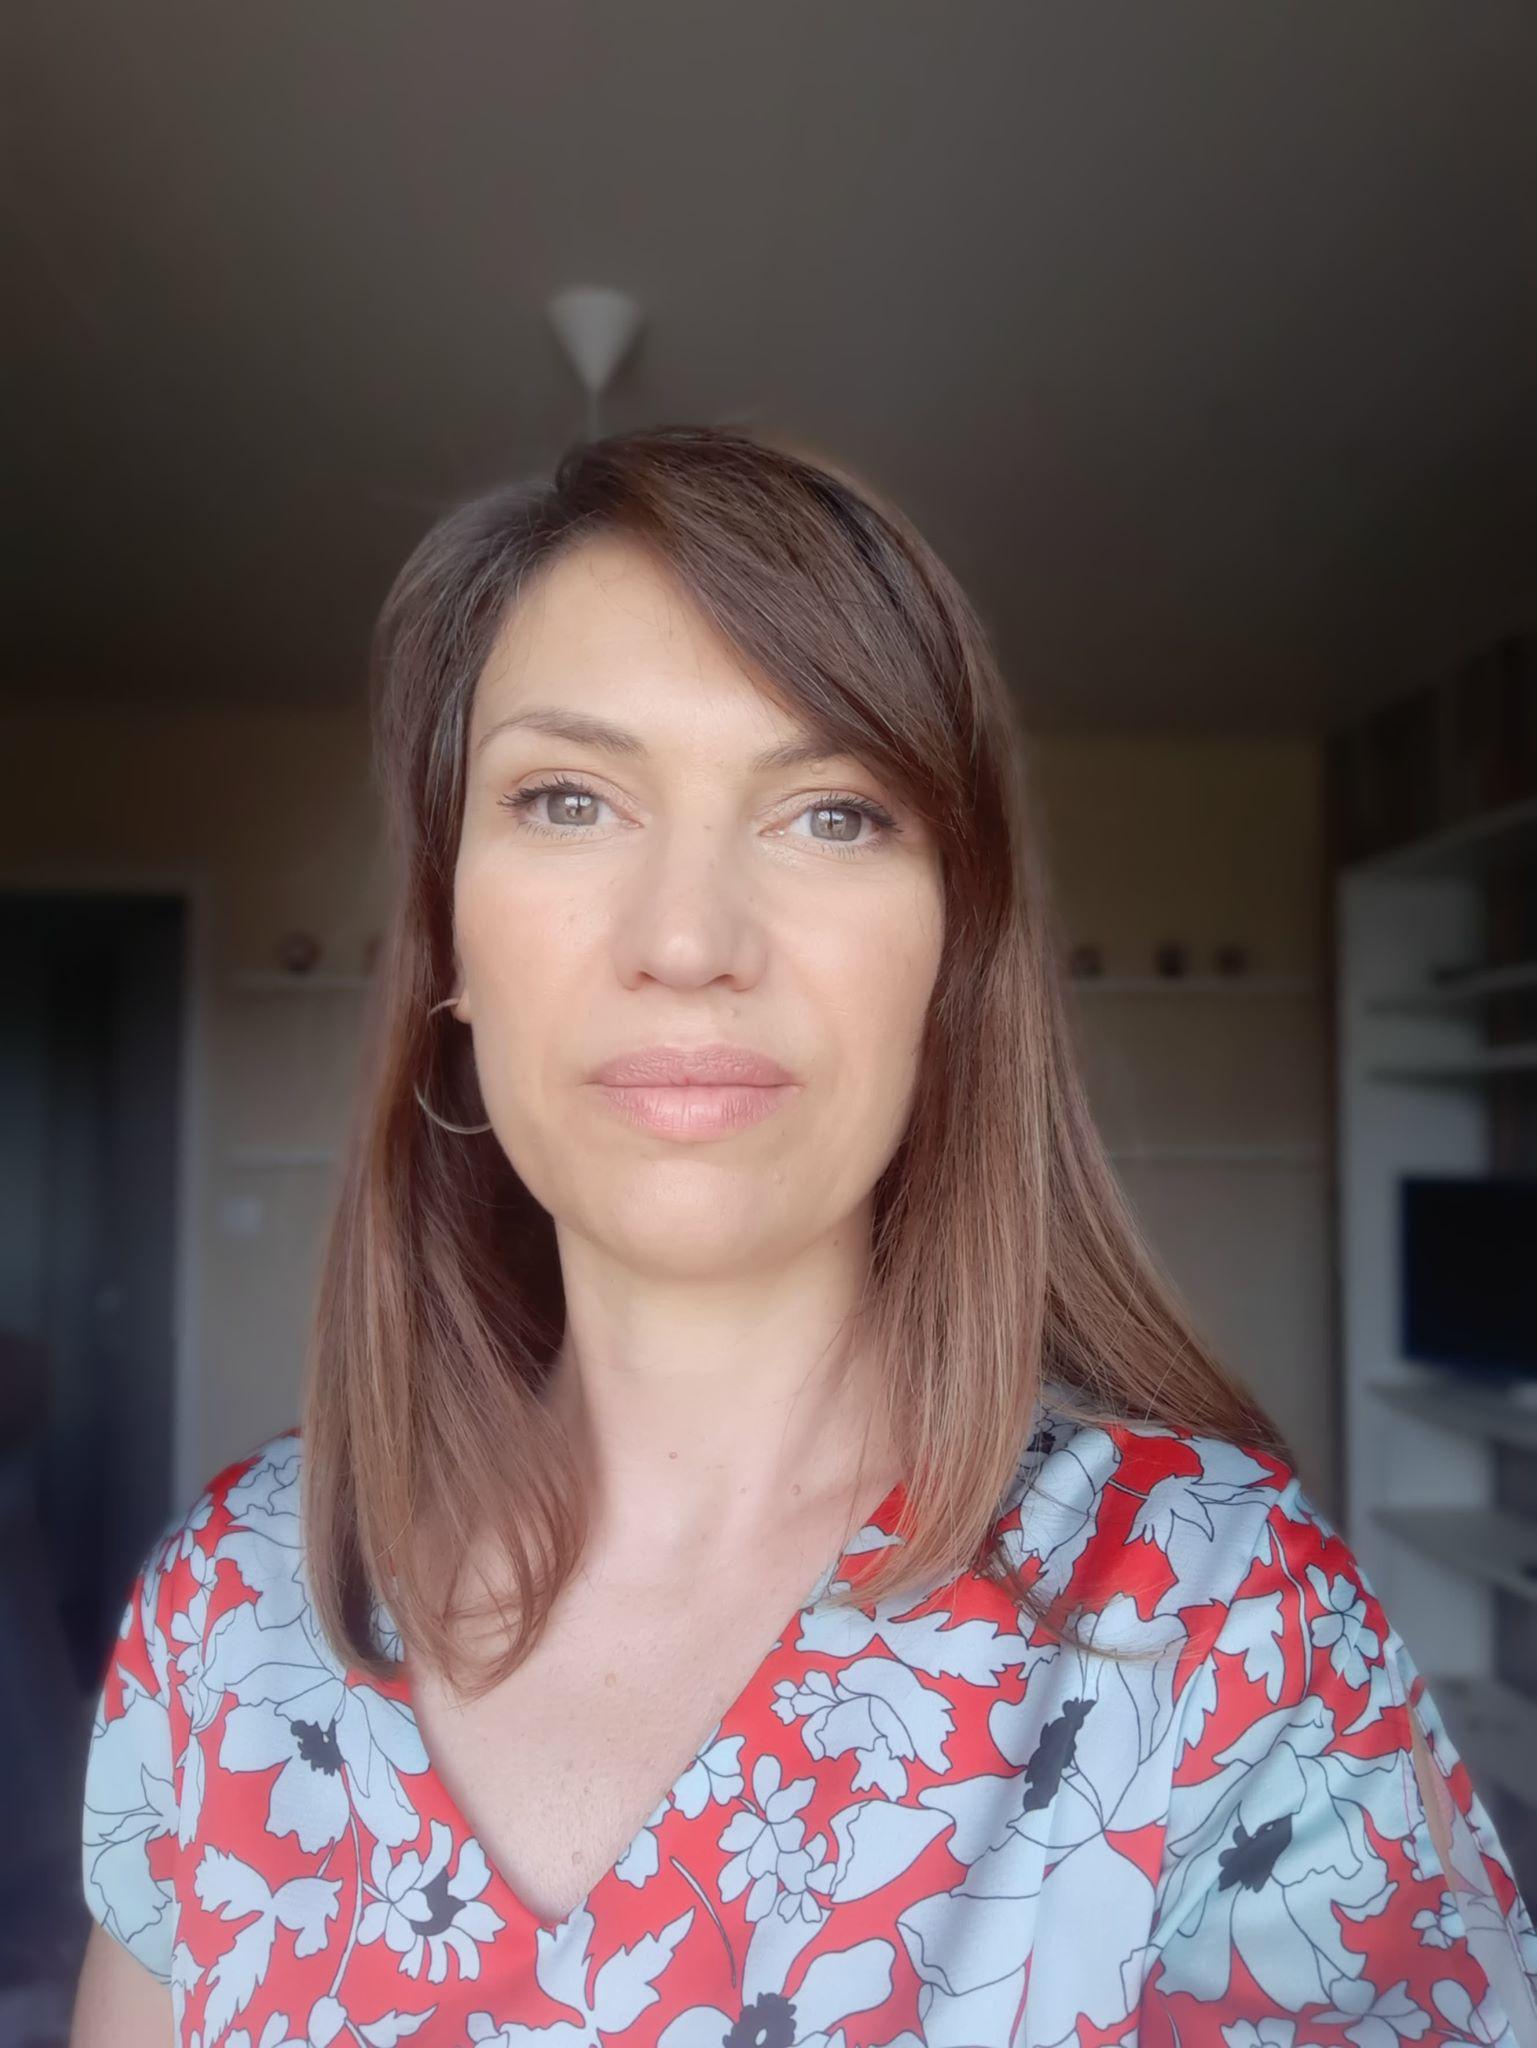 Nathalie Buhot